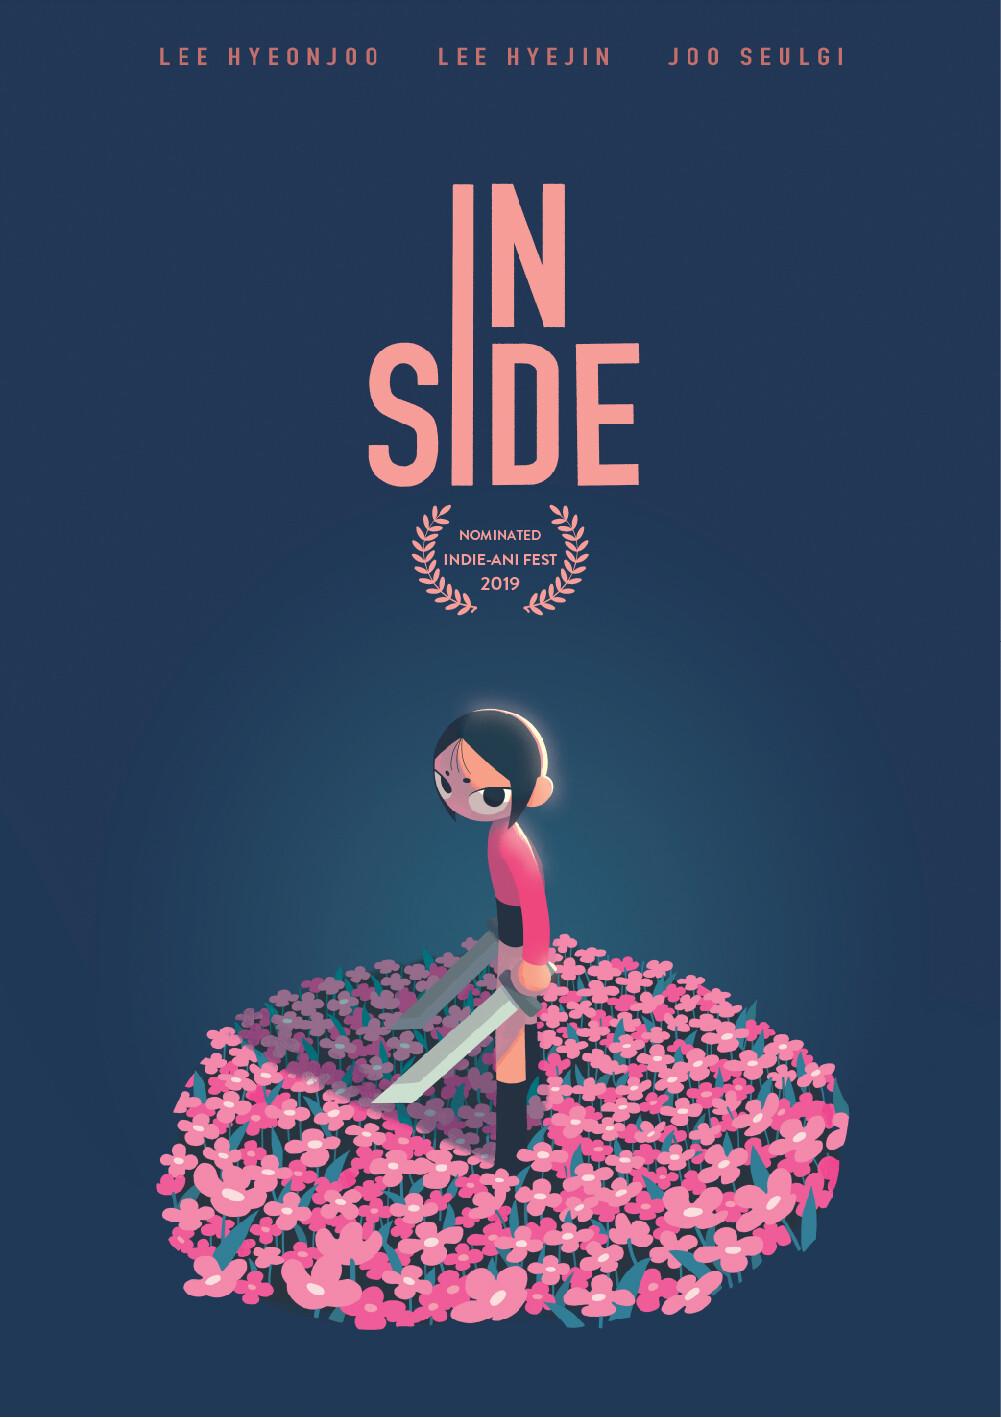 Poster by Hyeonjoo Lee  Director_ Hyeojoo Lee, Seulgi Joo, Hyejin Lee